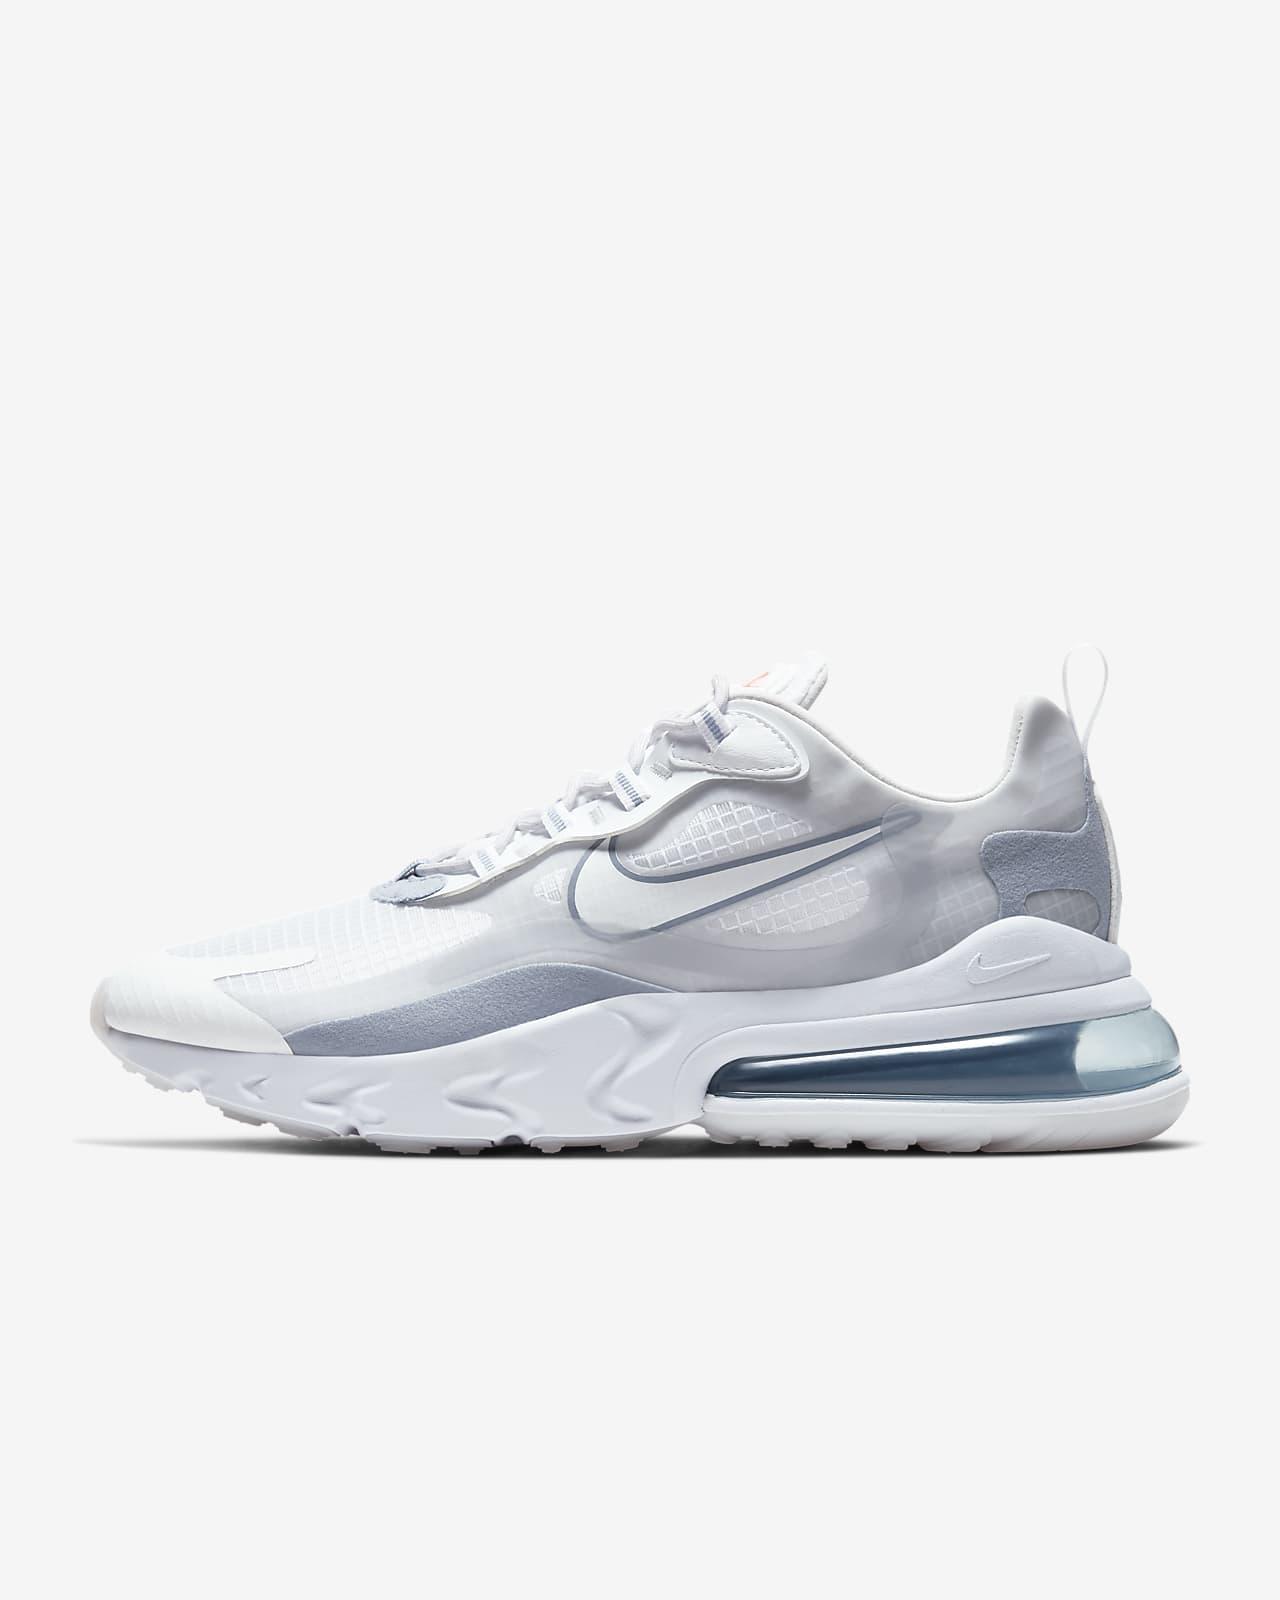 รองเท้าผู้ชาย Nike Air Max 270 React SE